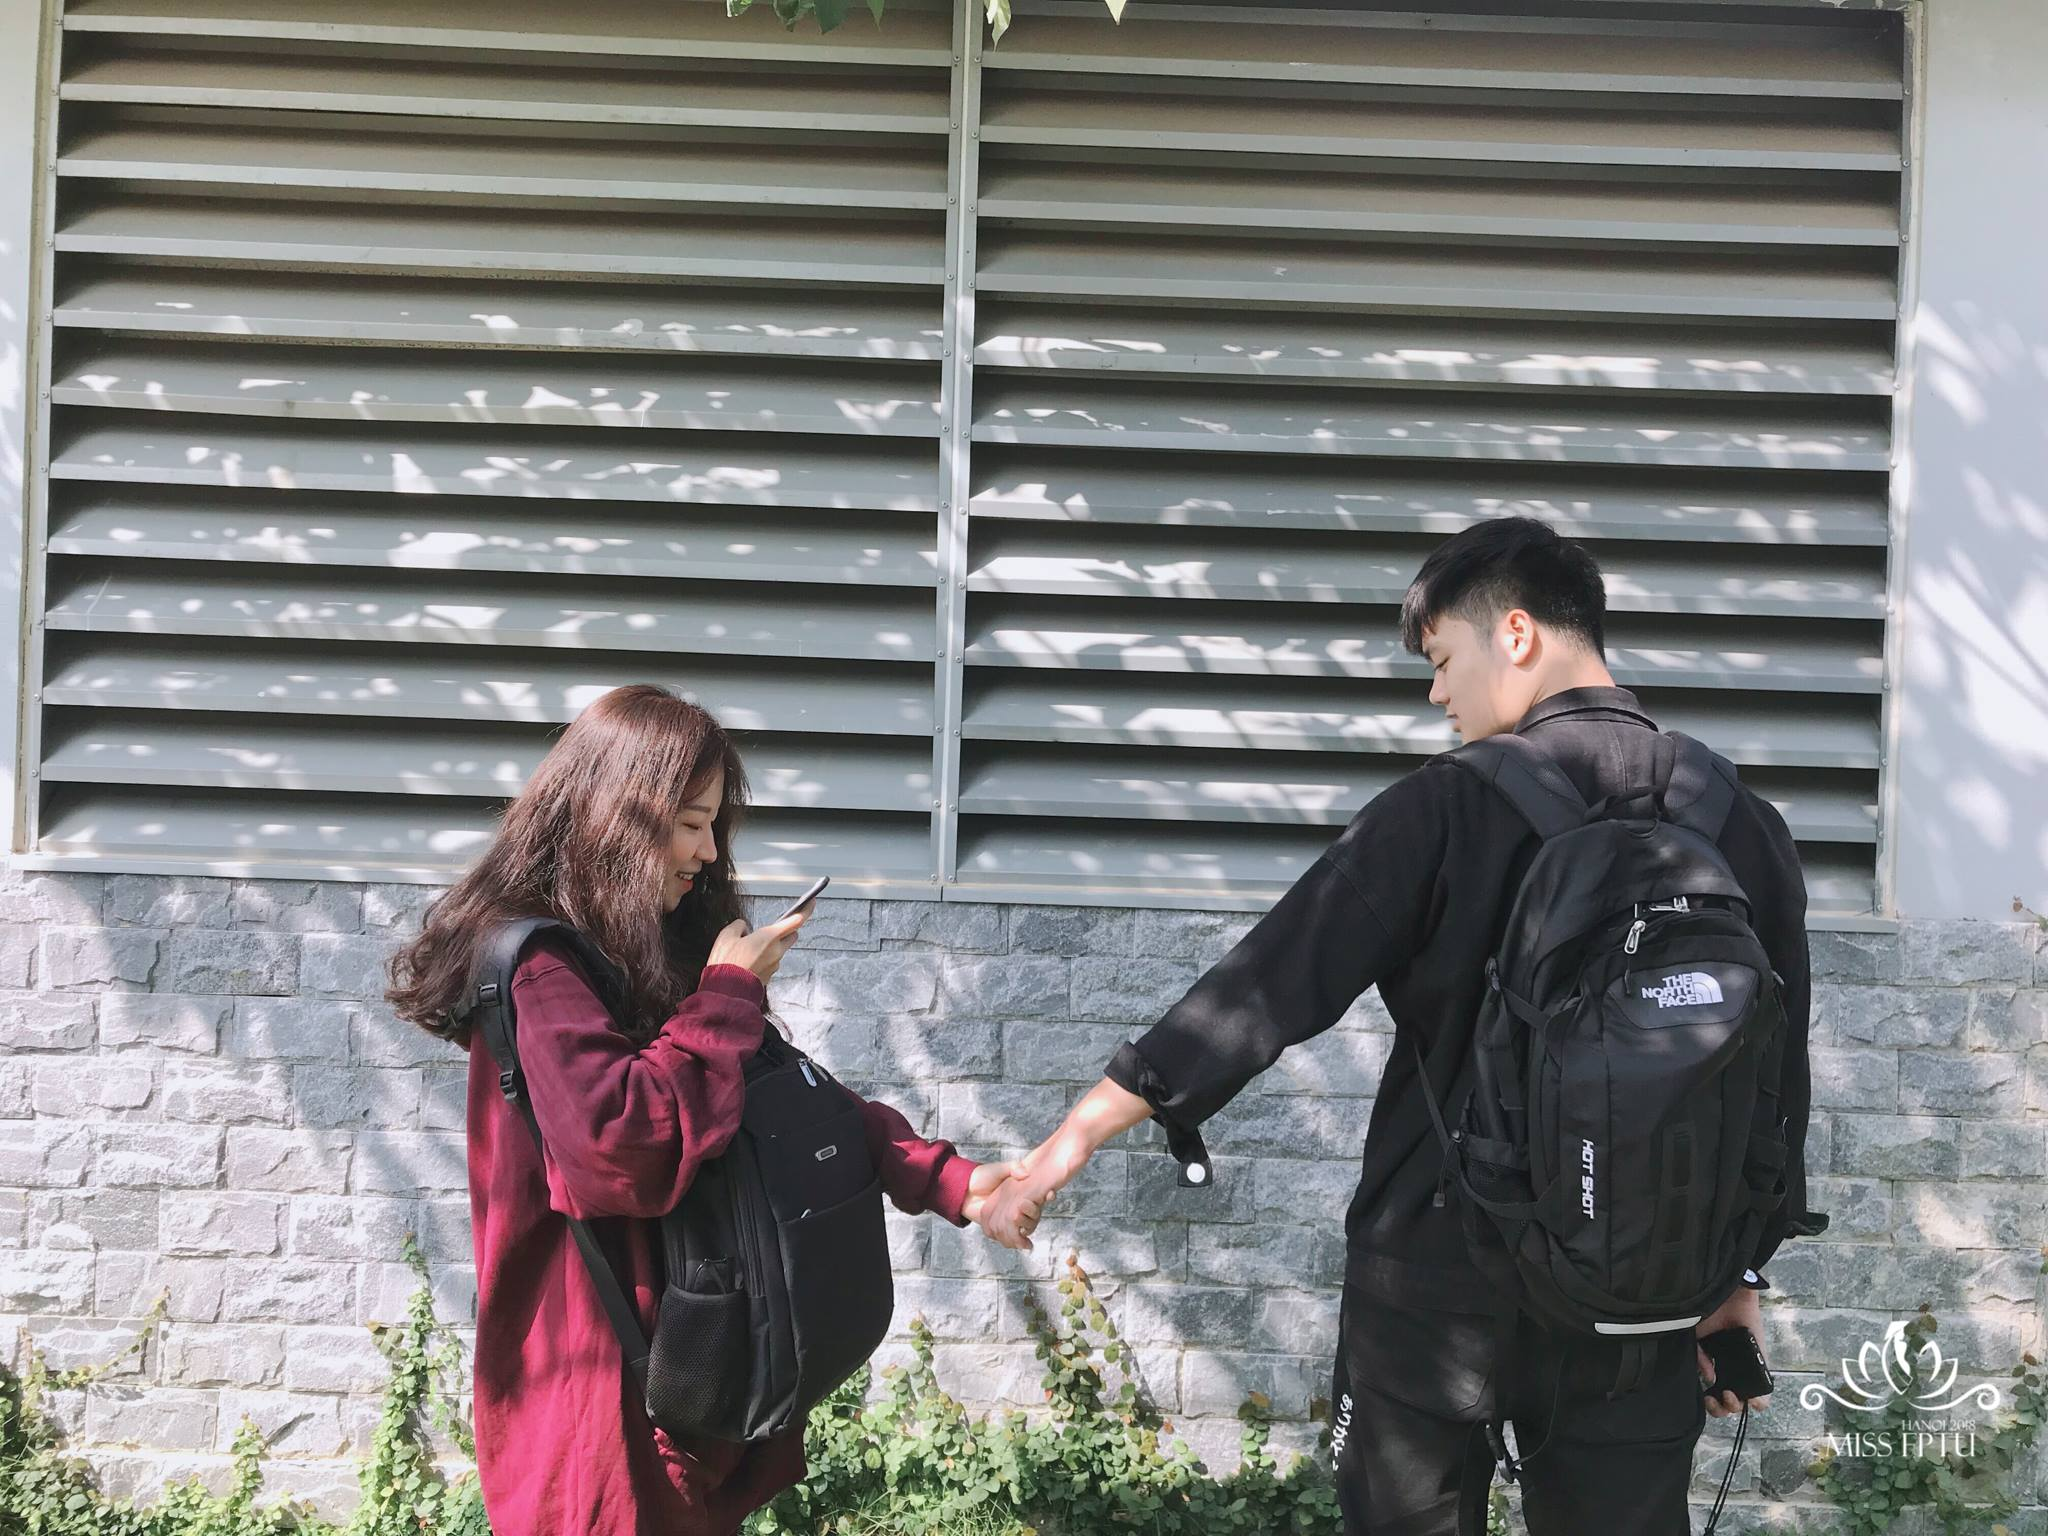 """Nguyễn Khánh Chi- Trần Đức Quang Concept: """"Bạn thân khác giới"""" - Bạn thân... hay công cụ sống ảo của nàng ế?"""